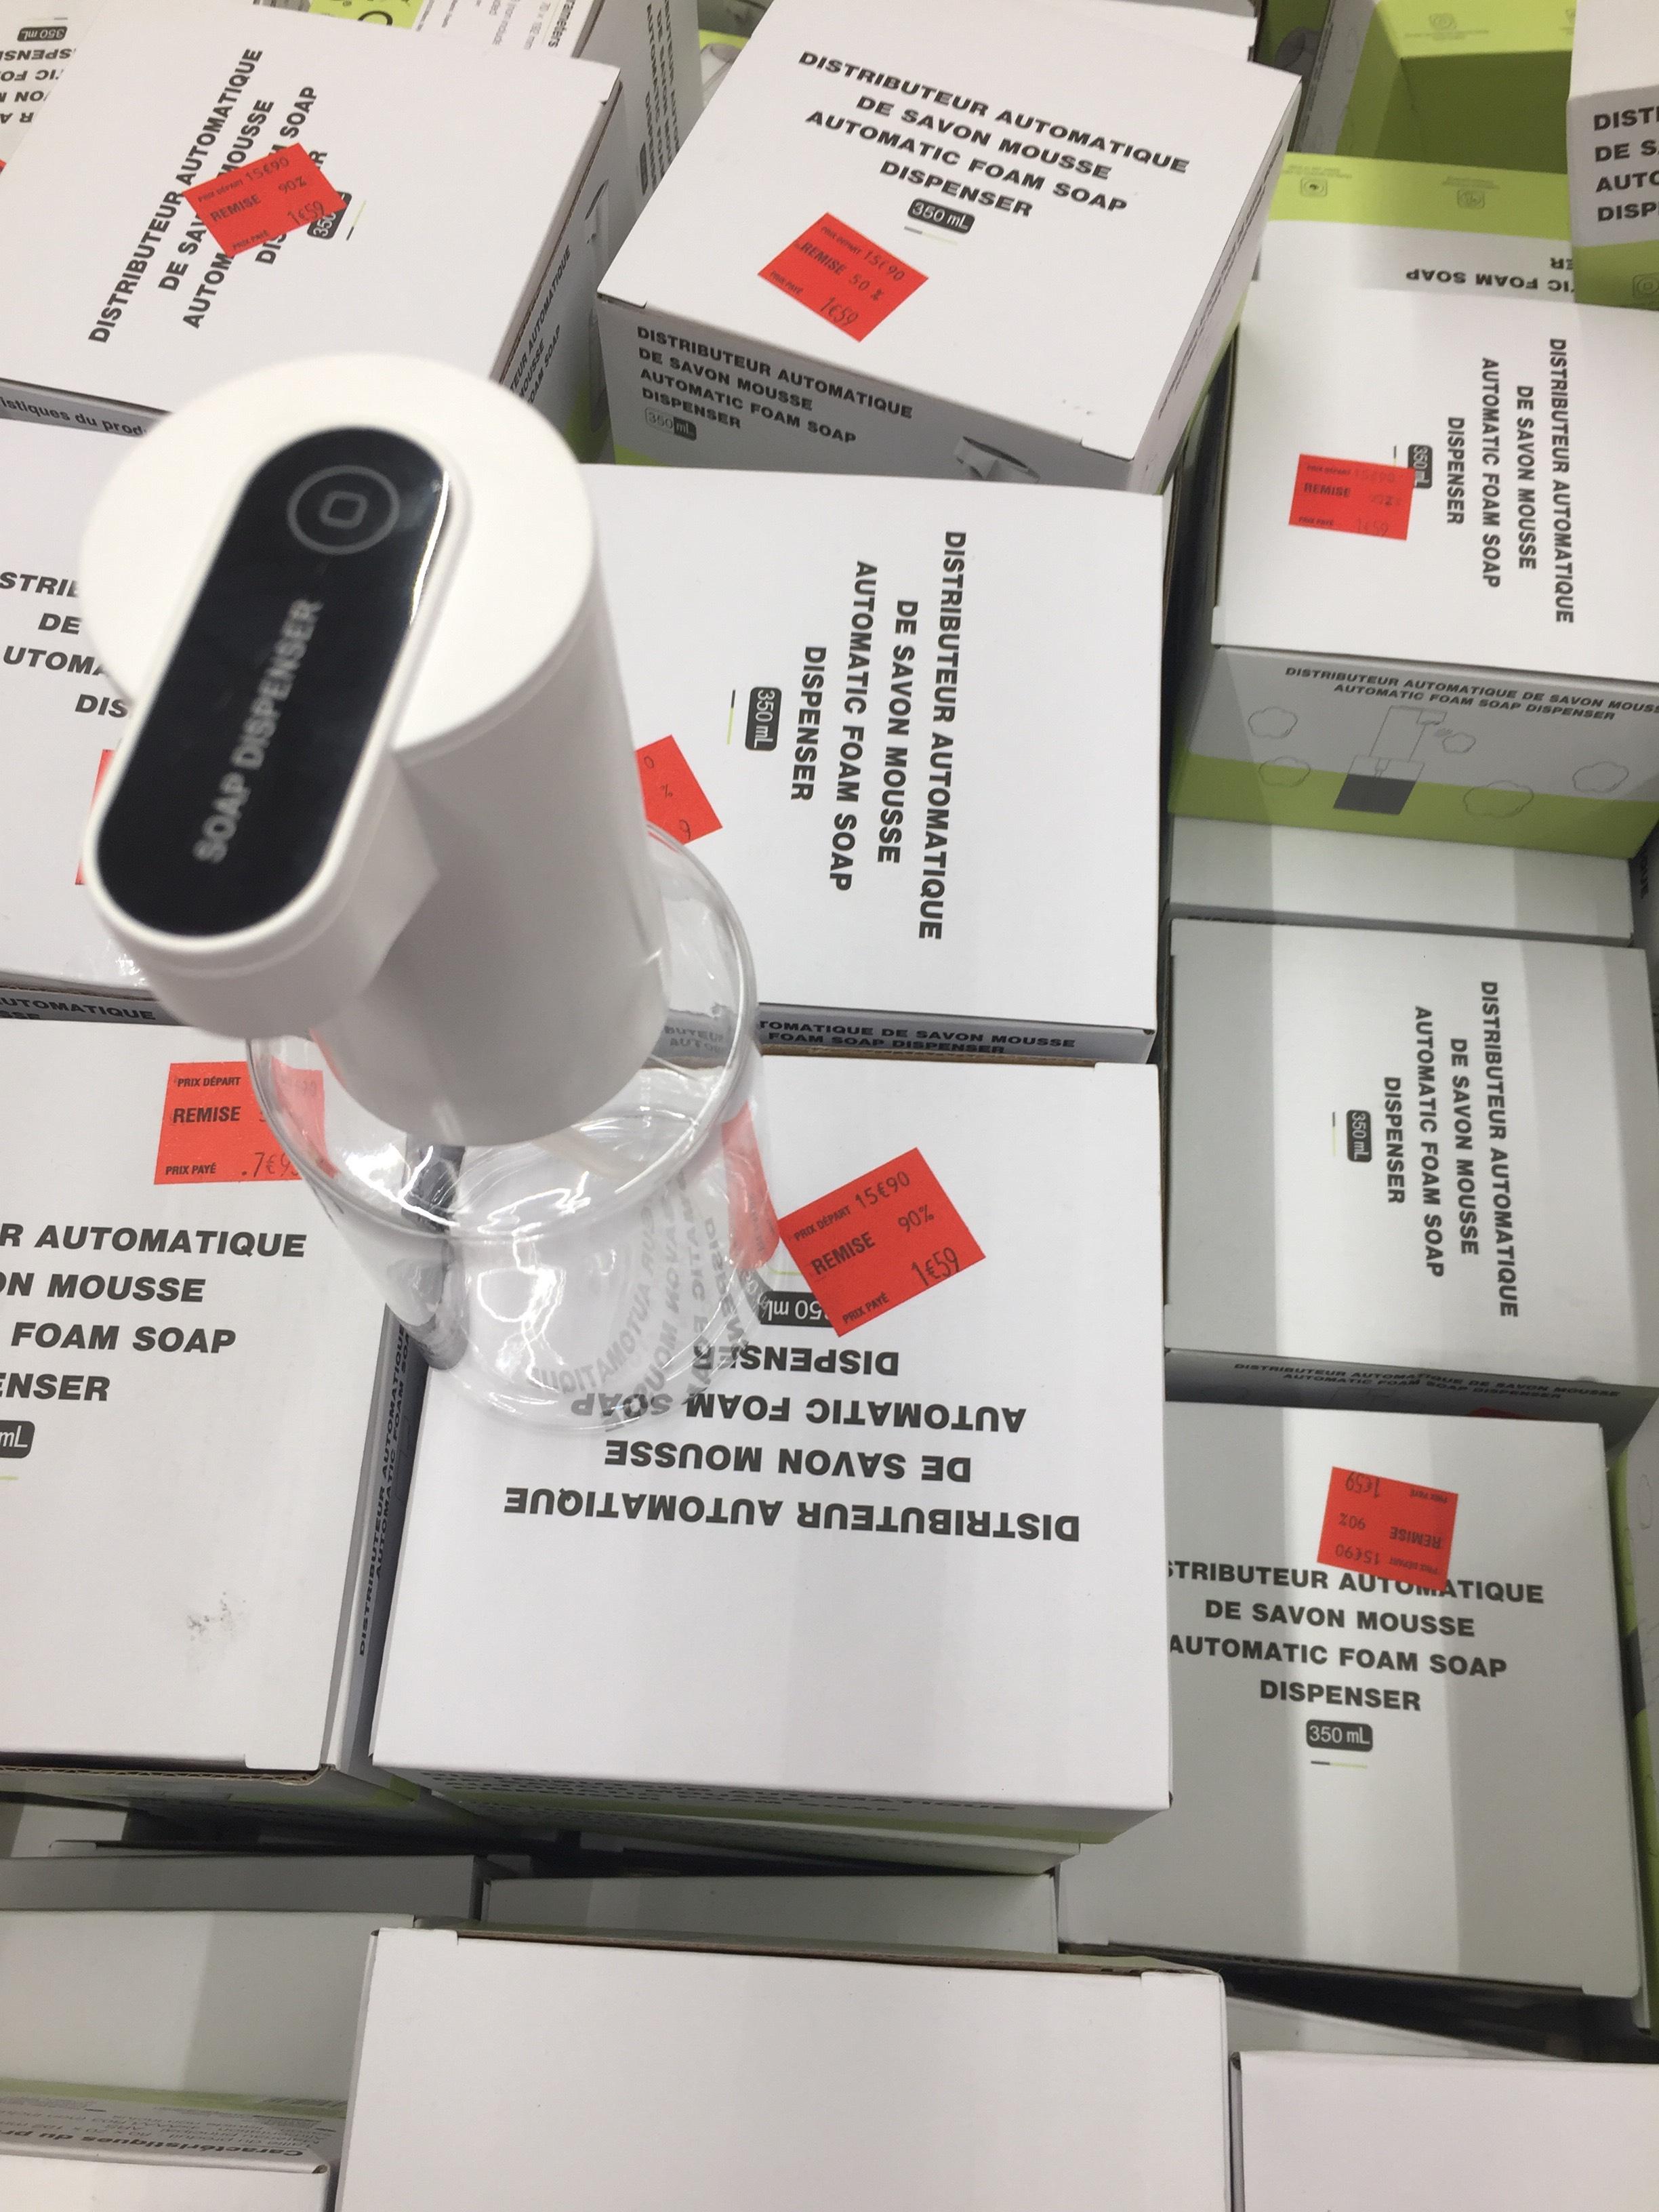 Distributeur de savon mousse automatique - Sevran (93)